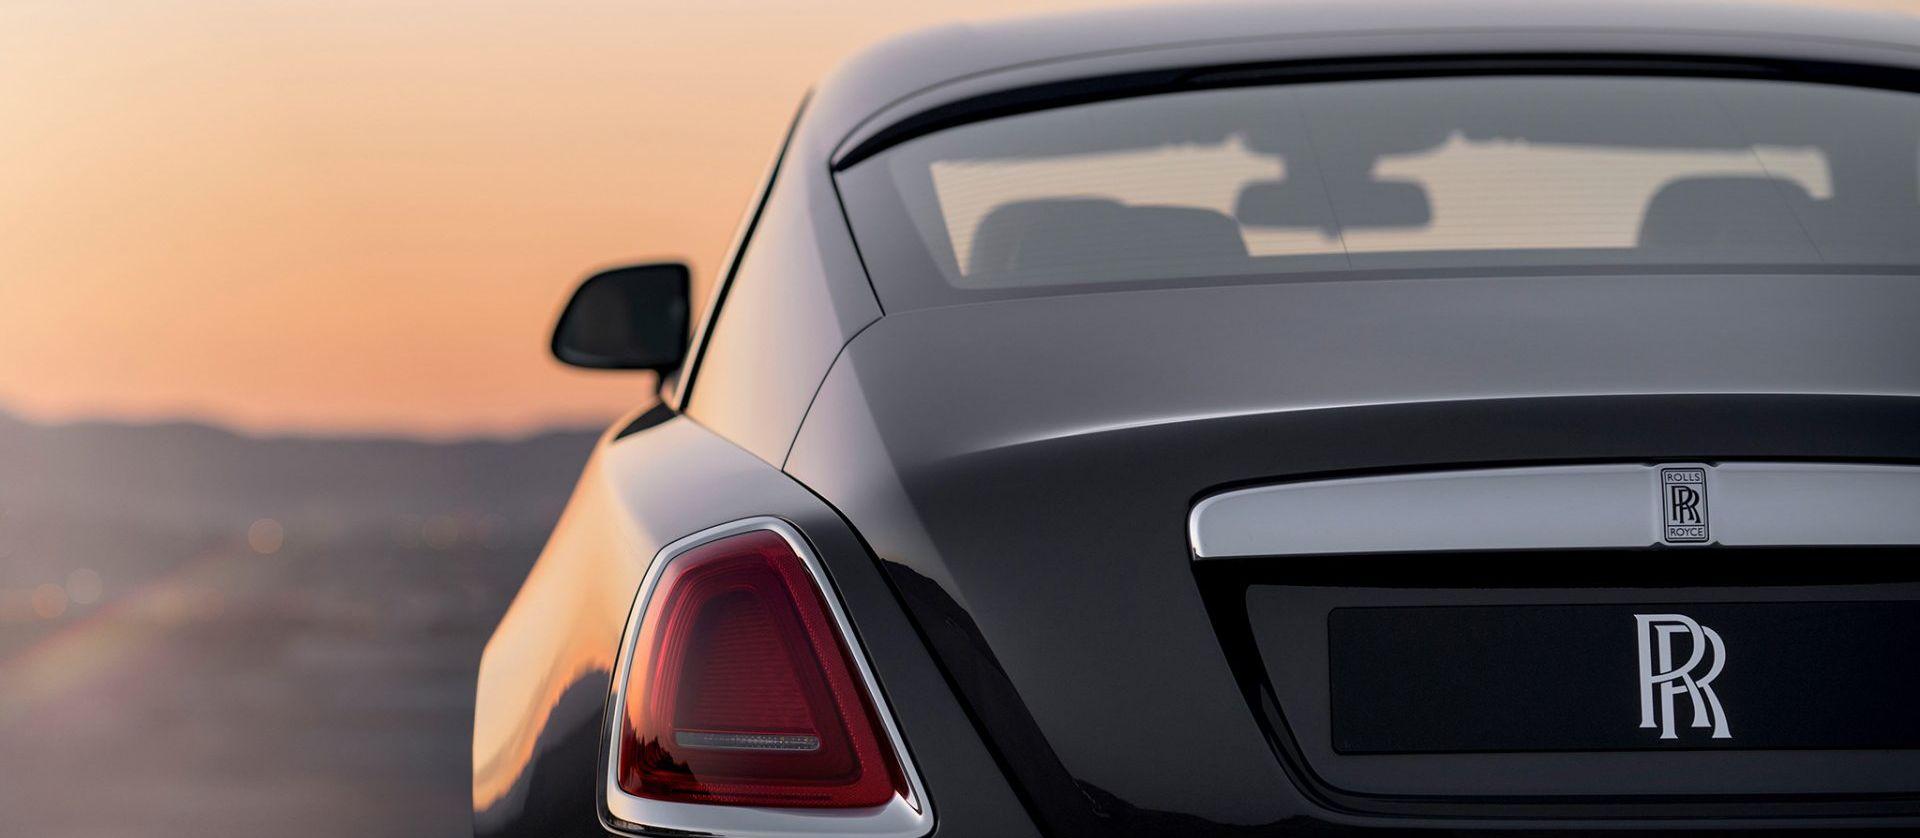 2018 rolls royce wraith leasing near dallas tx rolls for Rolls royce motor cars dallas